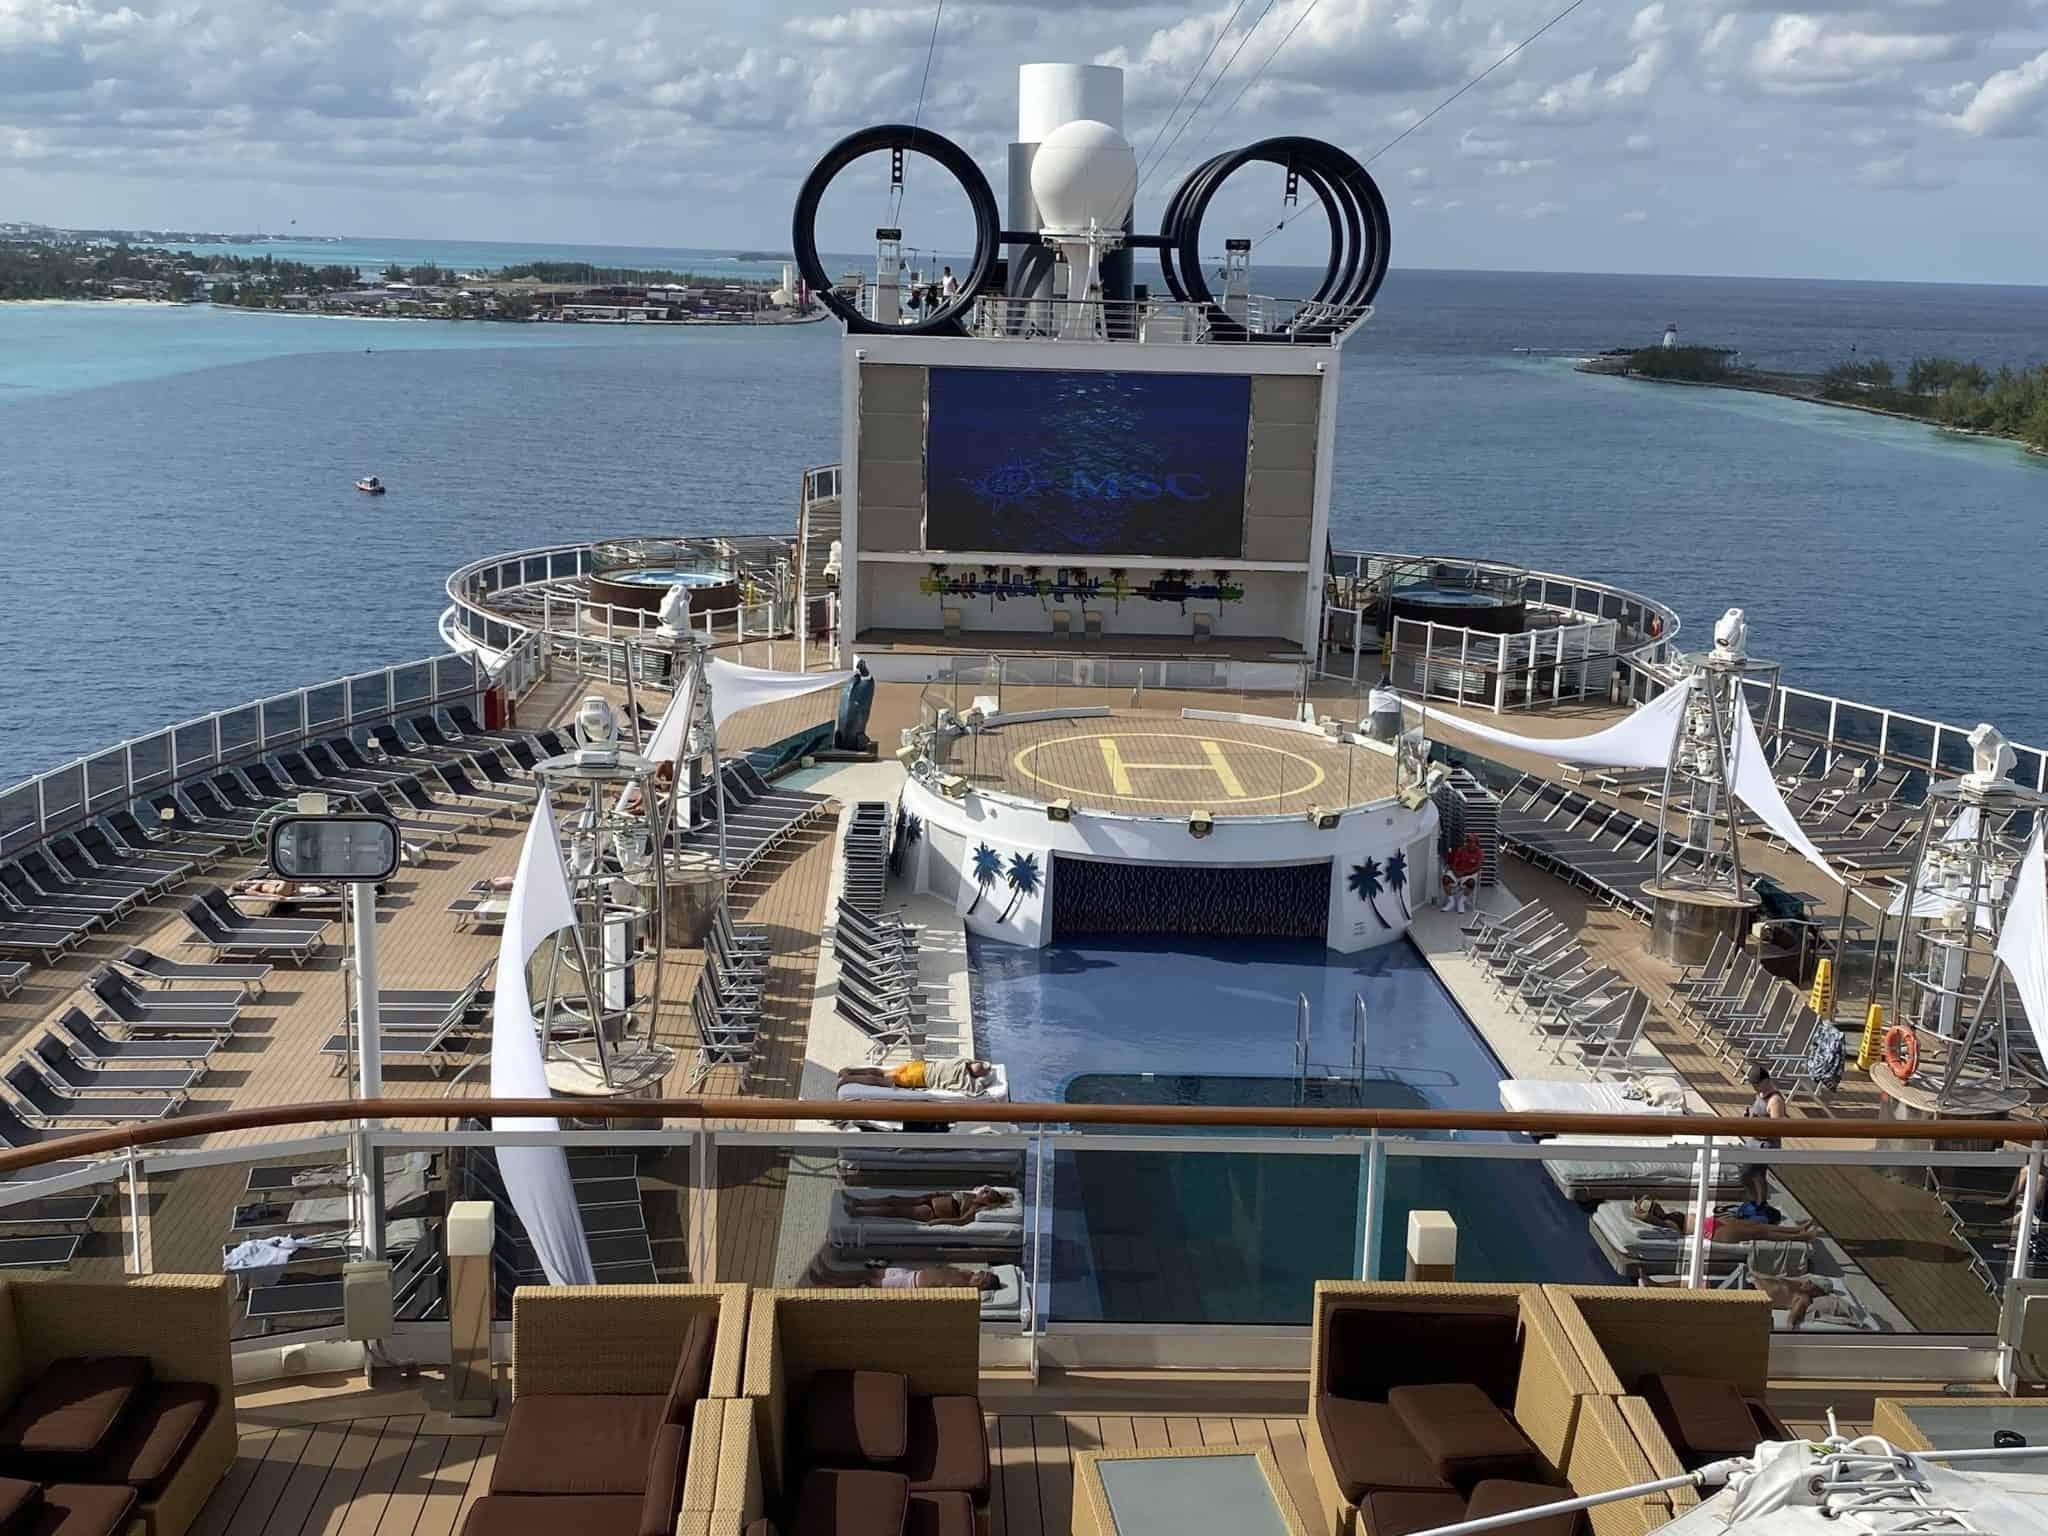 View from a higher deck aboard MSC Seaside